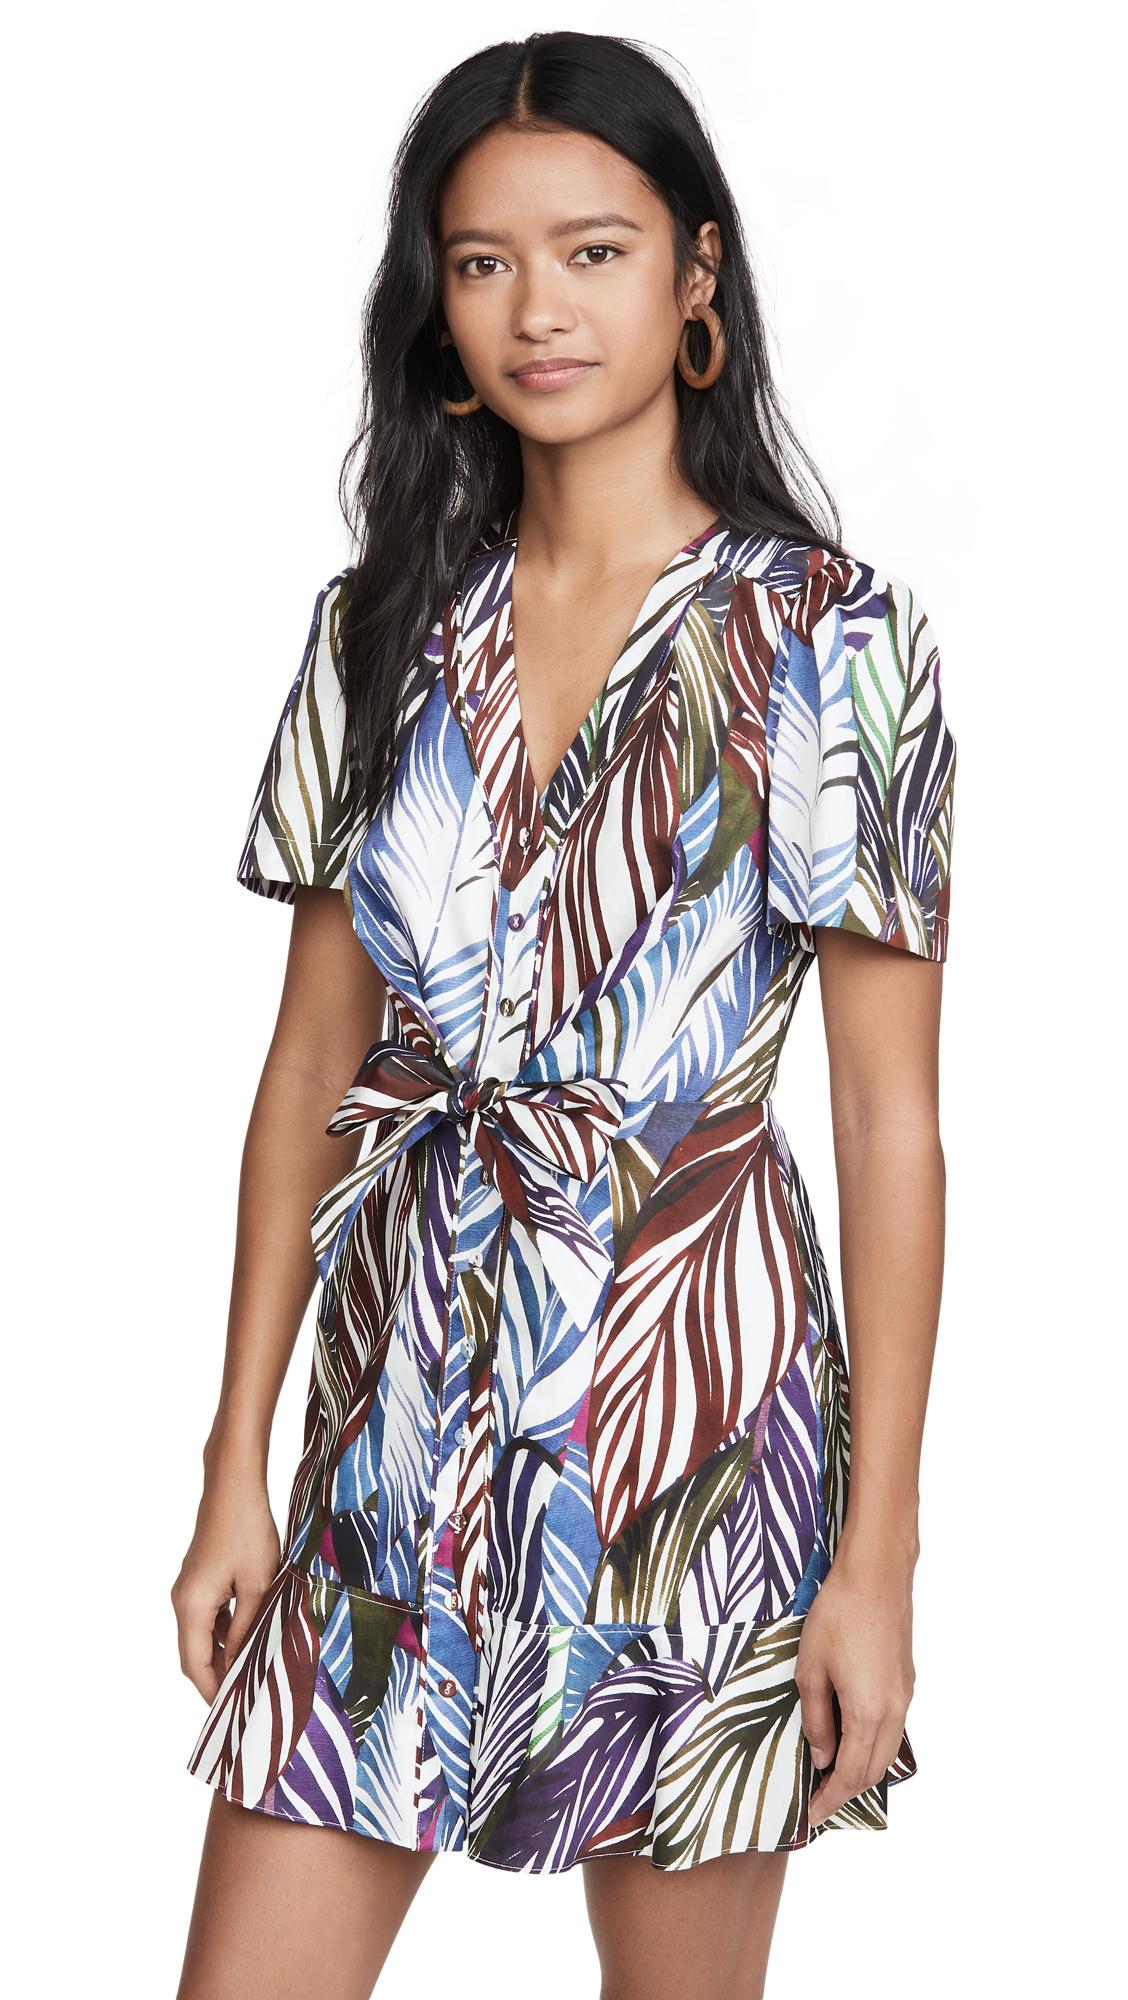 Parker Sheila Dress - 50% Off Sale